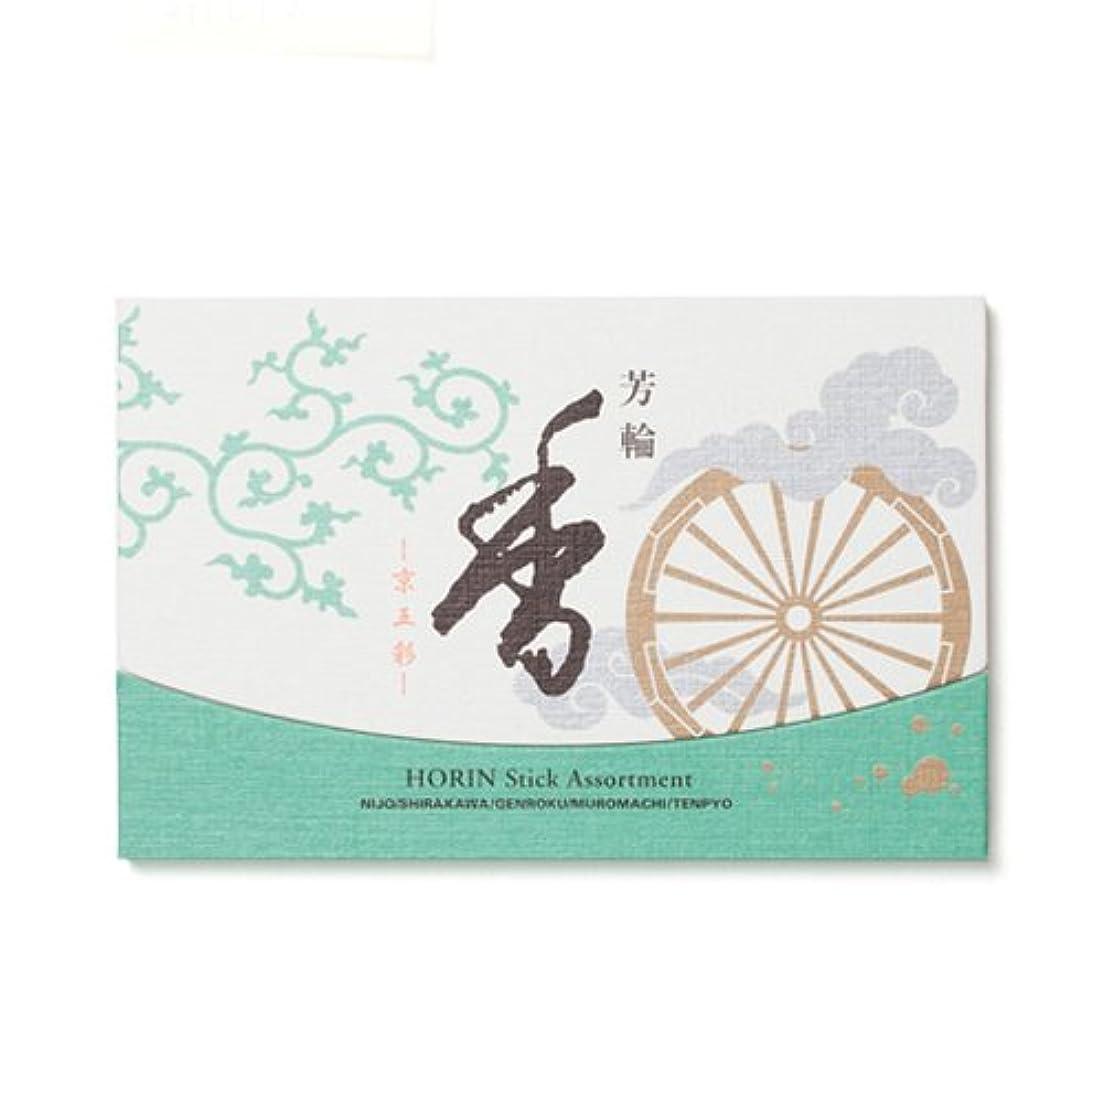 松栄堂のお香 芳輪 京五彩 スティックタイプ20本入り(5種各4本) 簡易香立付 #211012